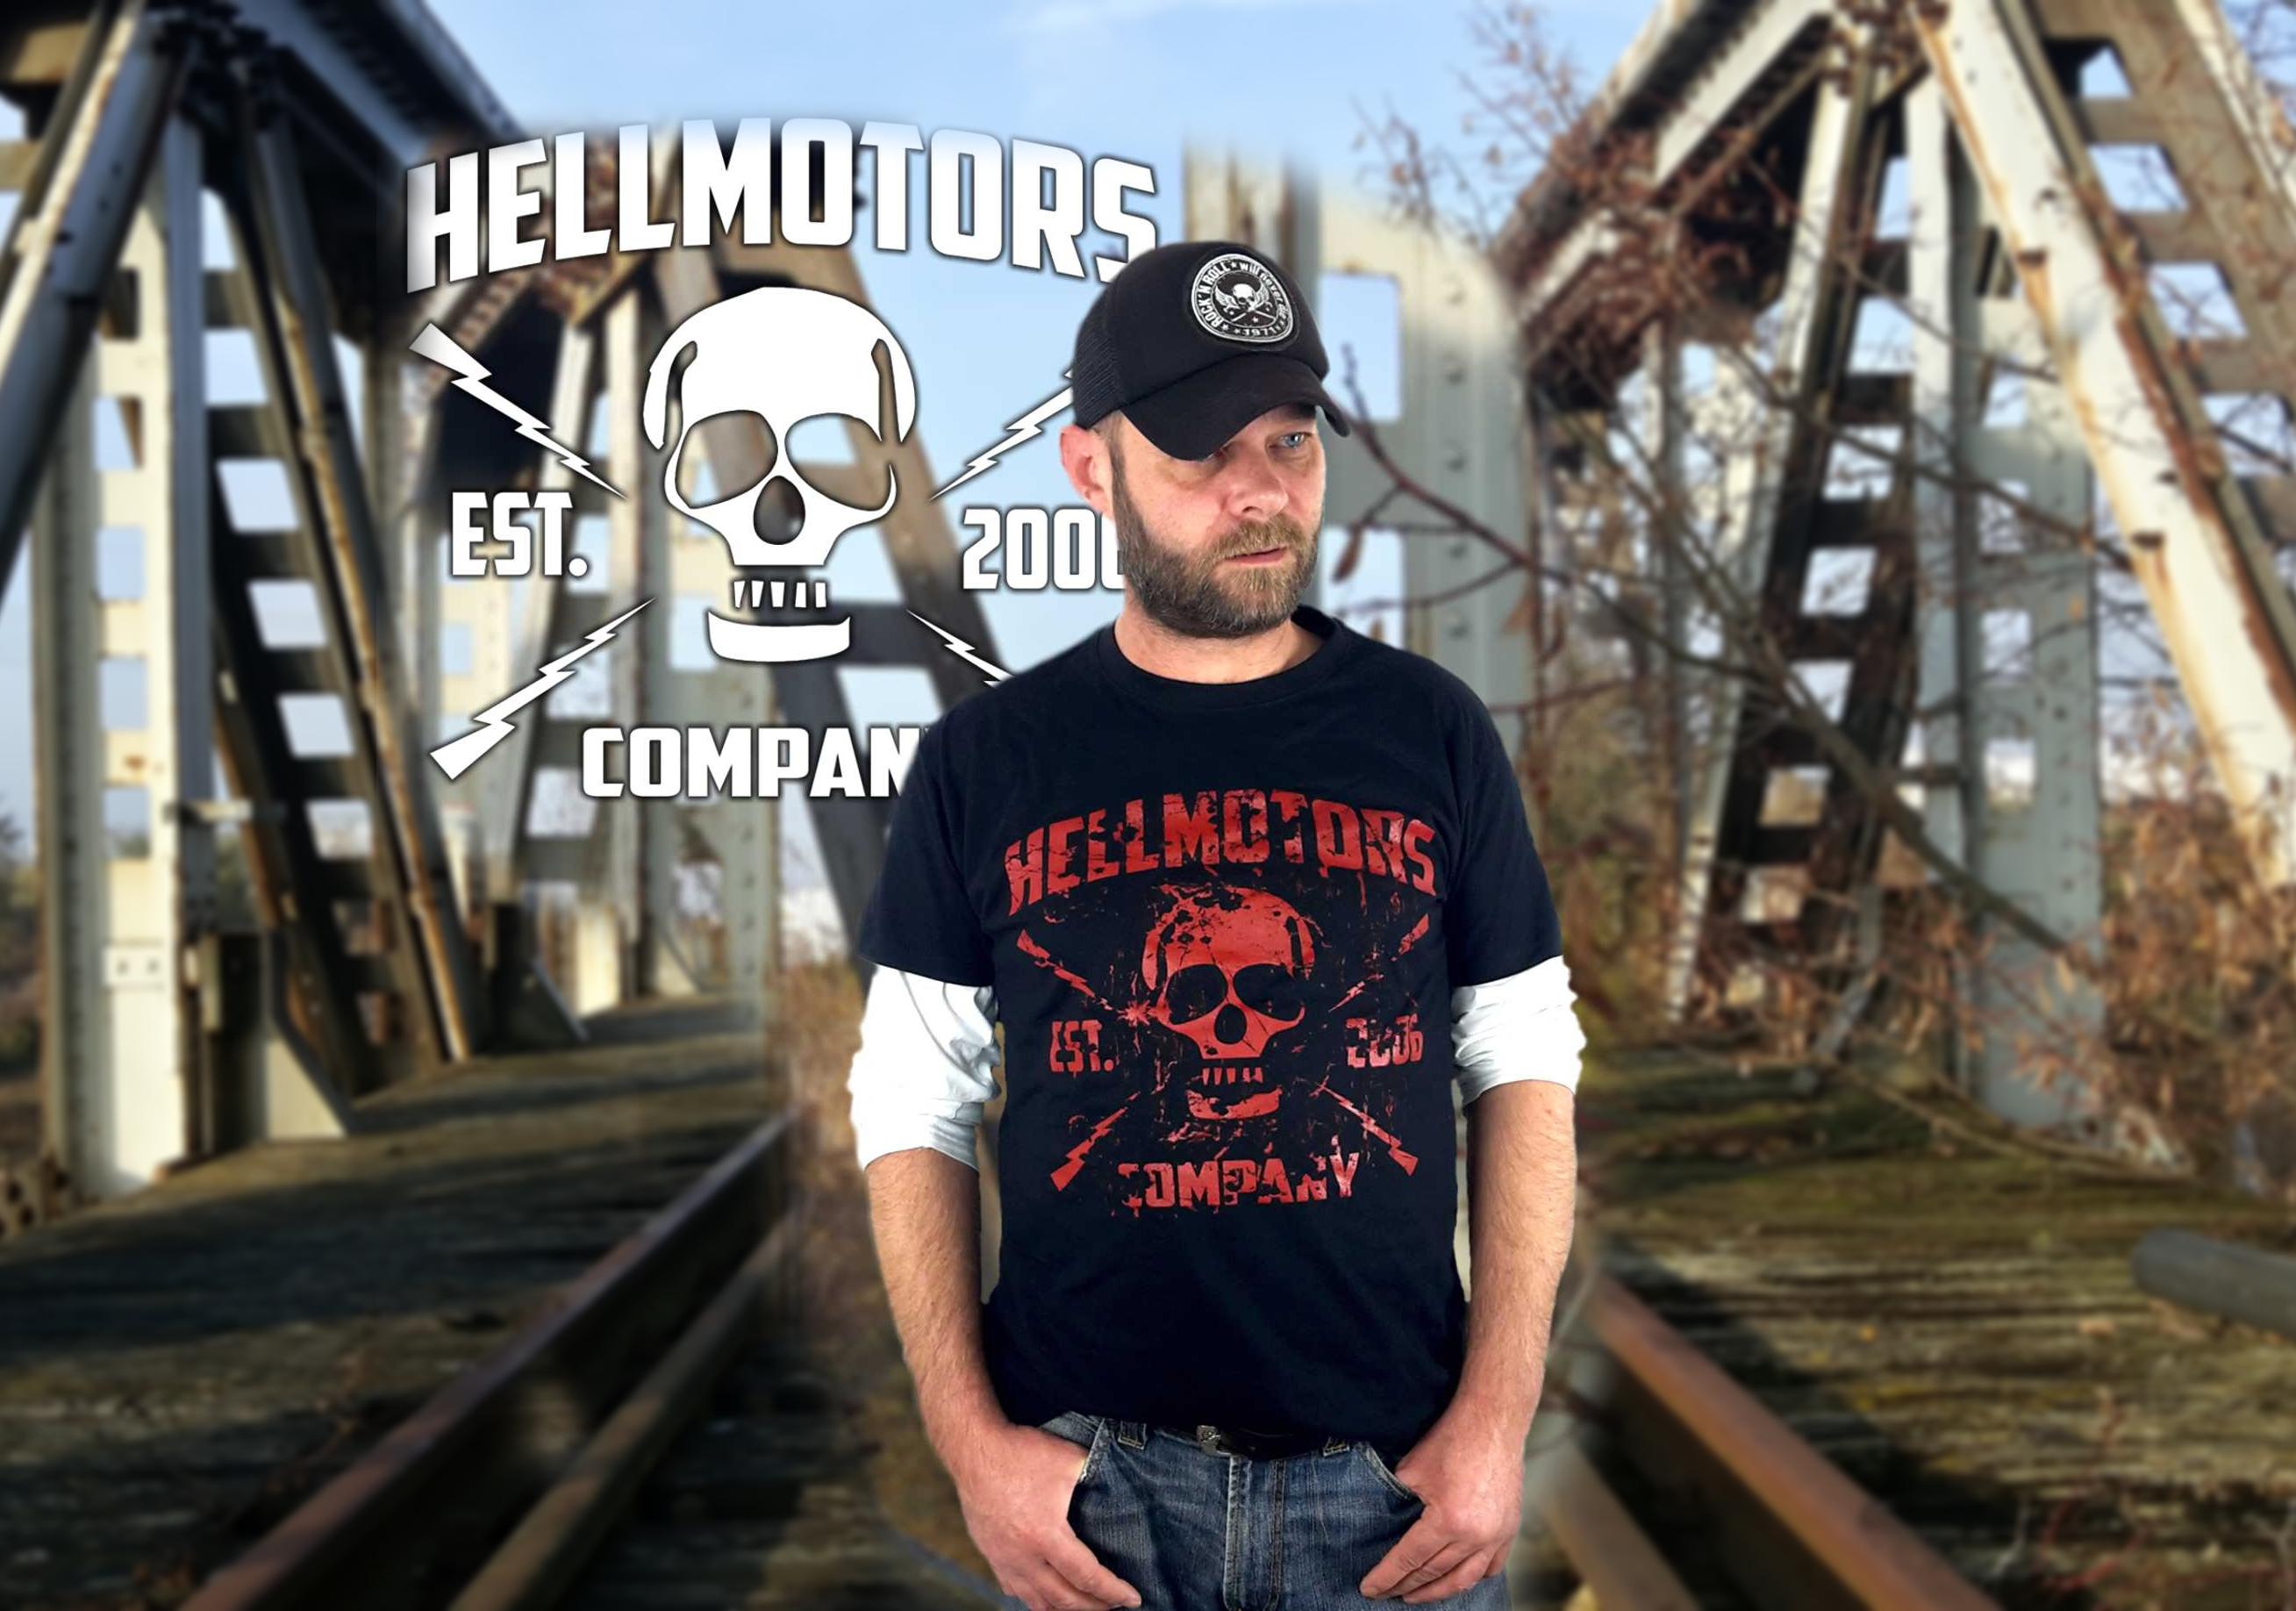 red-skull-biker-hot-rod-tshirt-hellmotors-online-shop